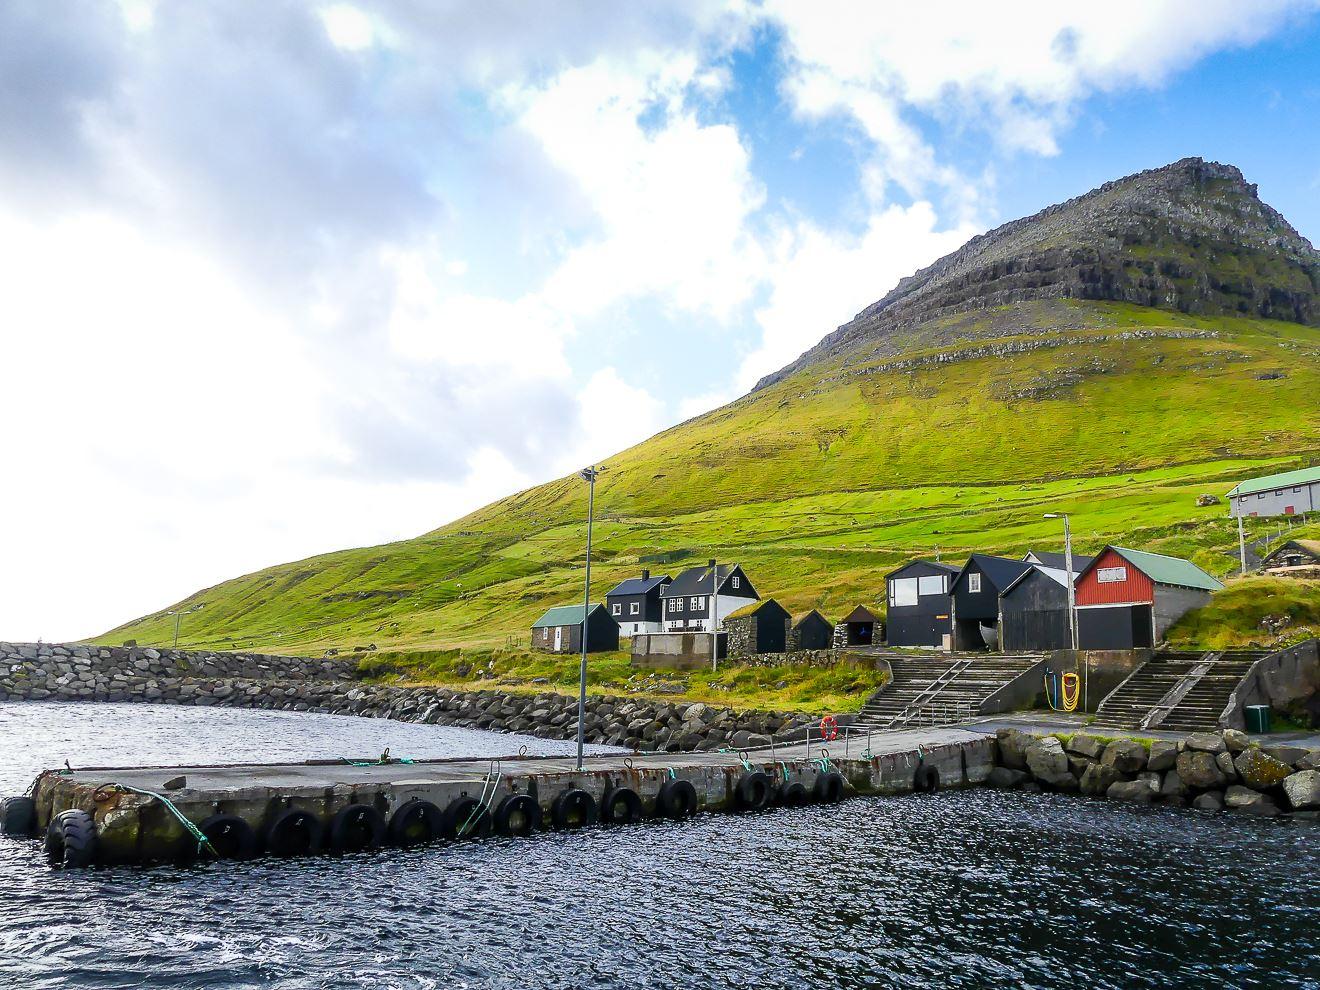 Arrivée à Kalsoy, une petite île des Feroe